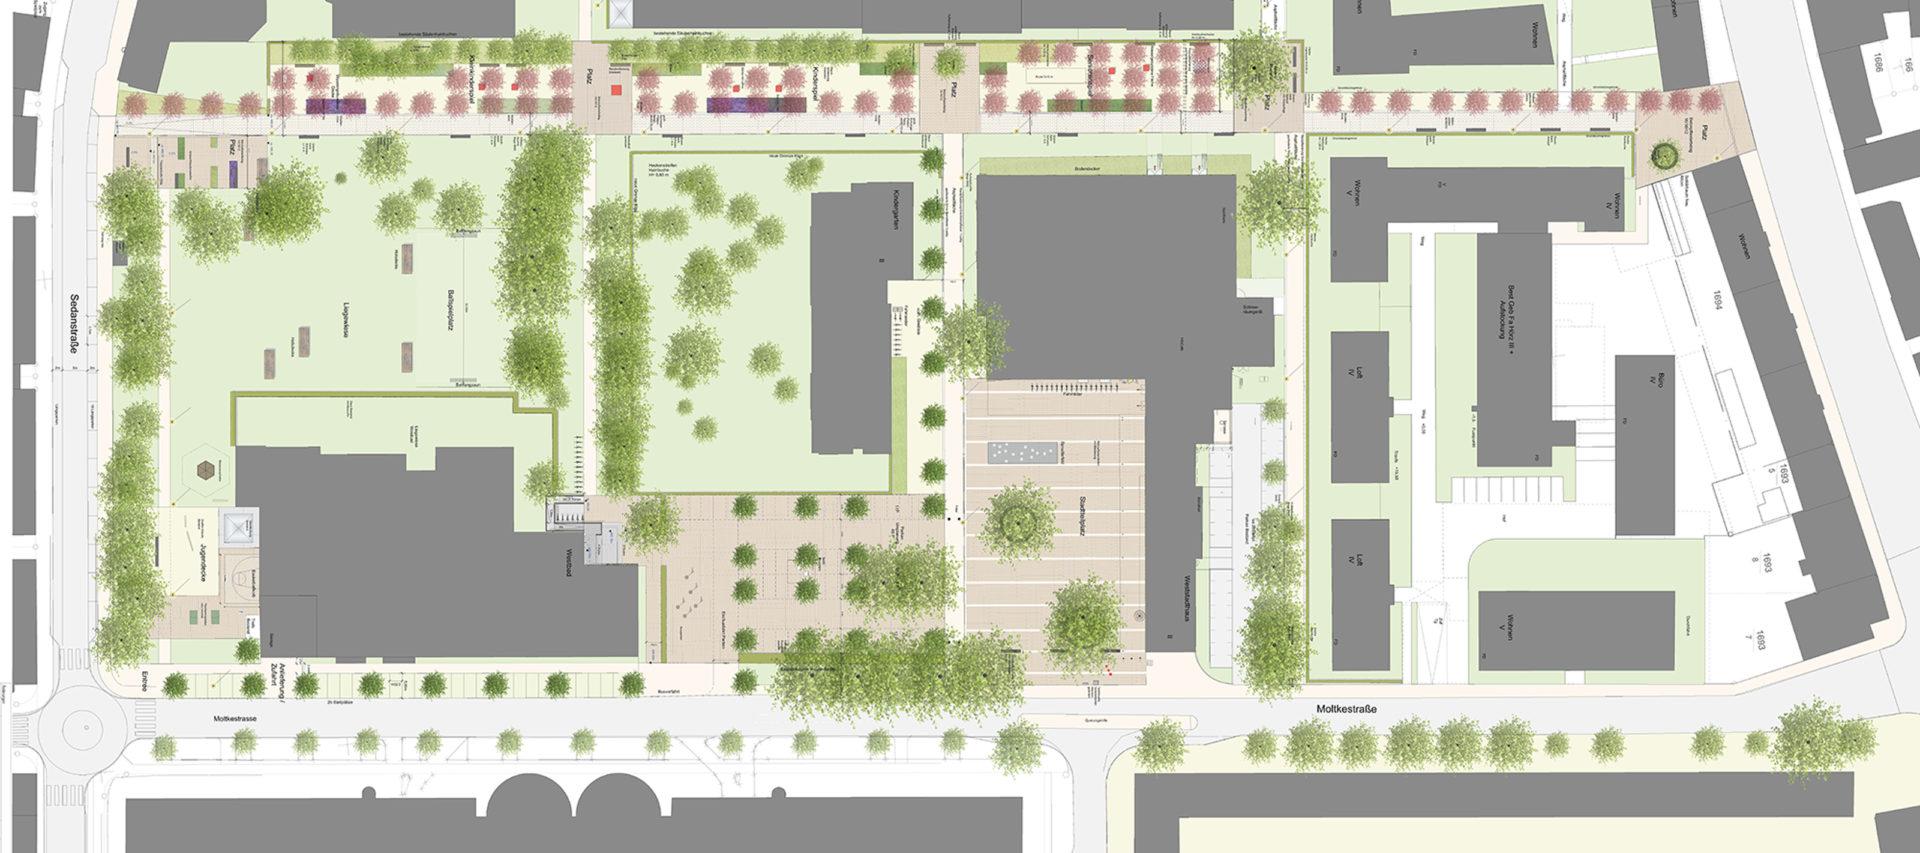 Ulm, Weststadt - Plan